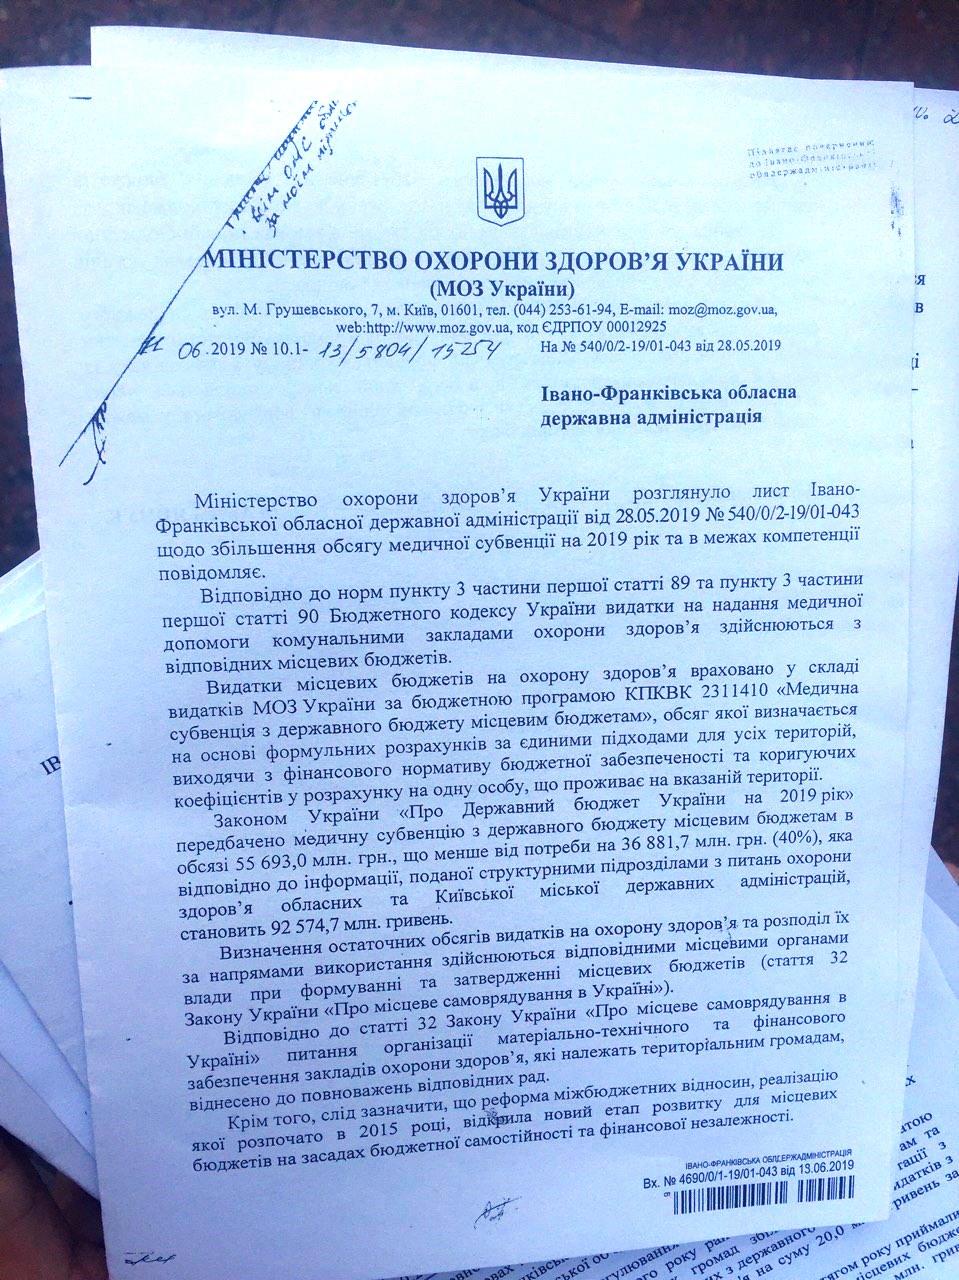 """Олег Атаманюк: """"Ситуація з виплатою зарплат медичним працівникам є катастрофічною"""" 1"""